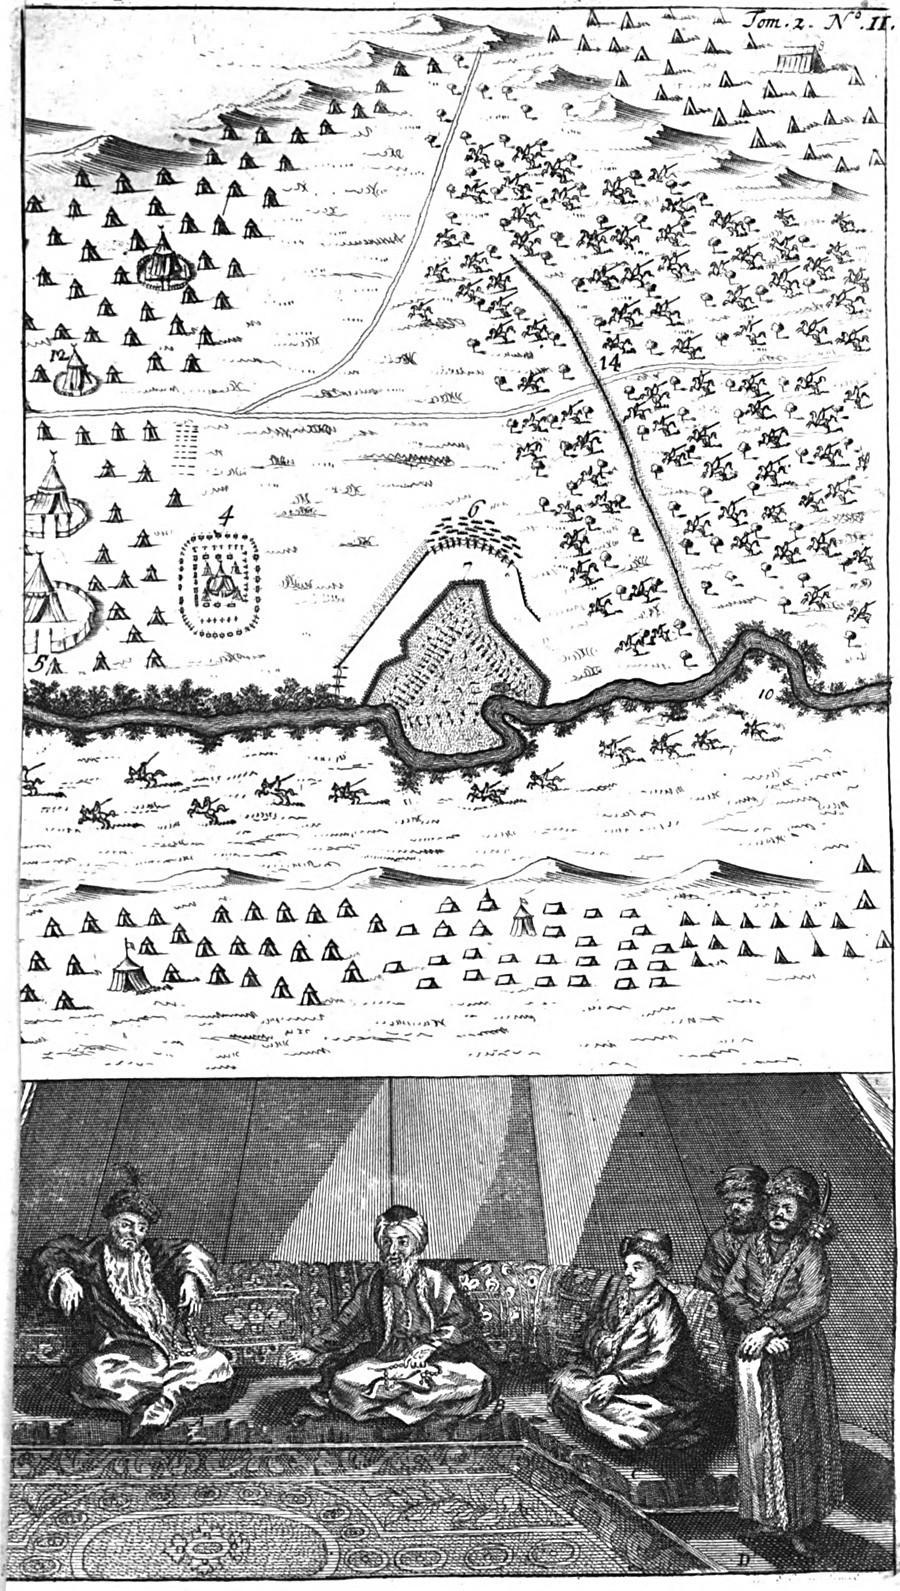 Битката кај реката Прут. Илустрација на Вилијам Хогарт, 1724.